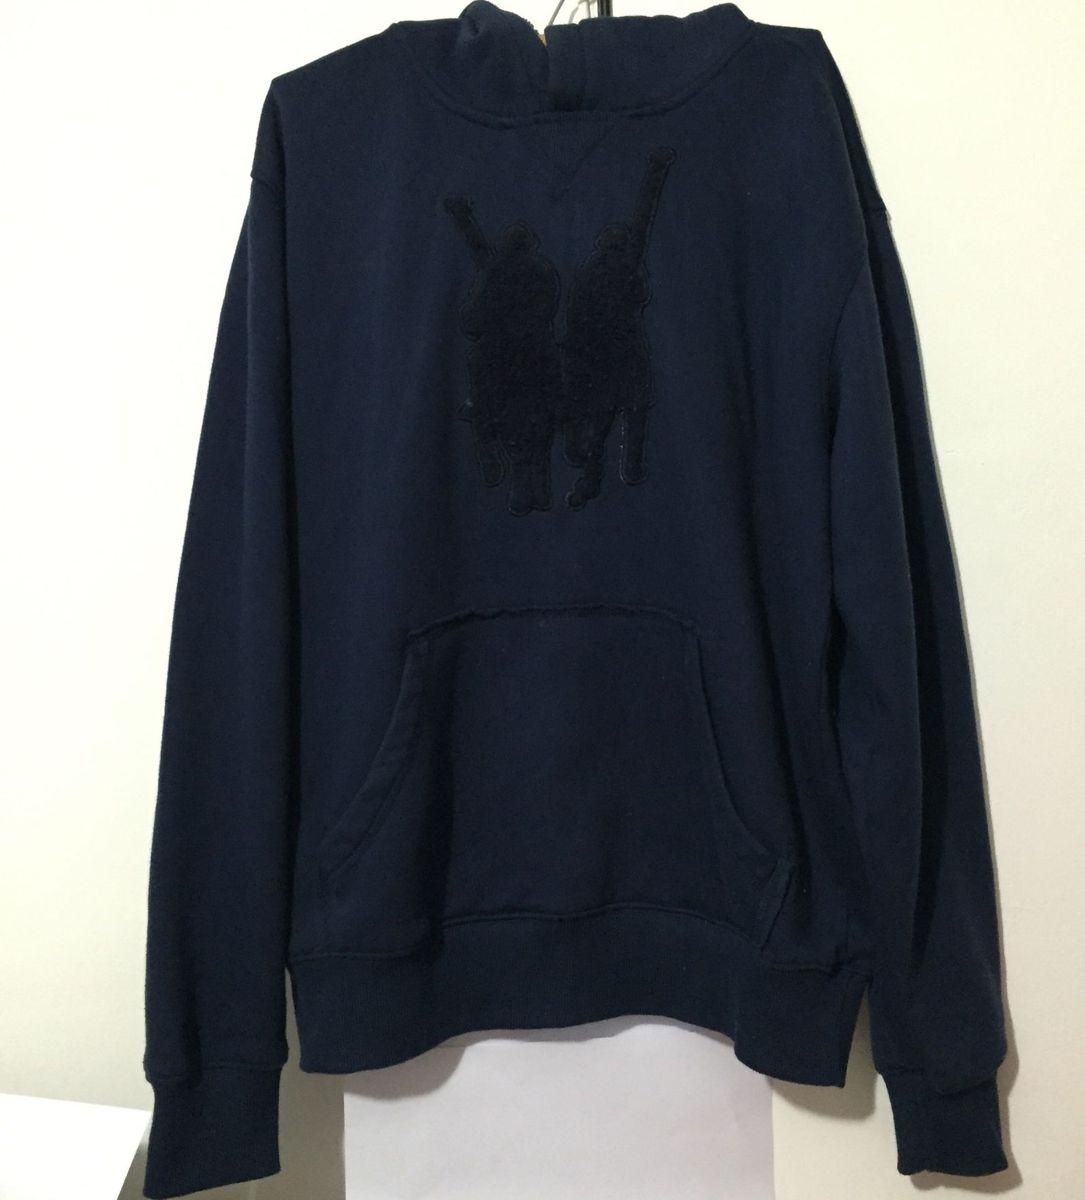 db4f174411de8 blusa de frio polo wear - casacos polo wear.  Czm6ly9wag90b3muzw5qb2vplmnvbs5ici9wcm9kdwn0cy8xmdkxmdi3l2zhzjkxnmvjntk1nzq5nzzknde5zteynjvlymrlngeylmpwzw